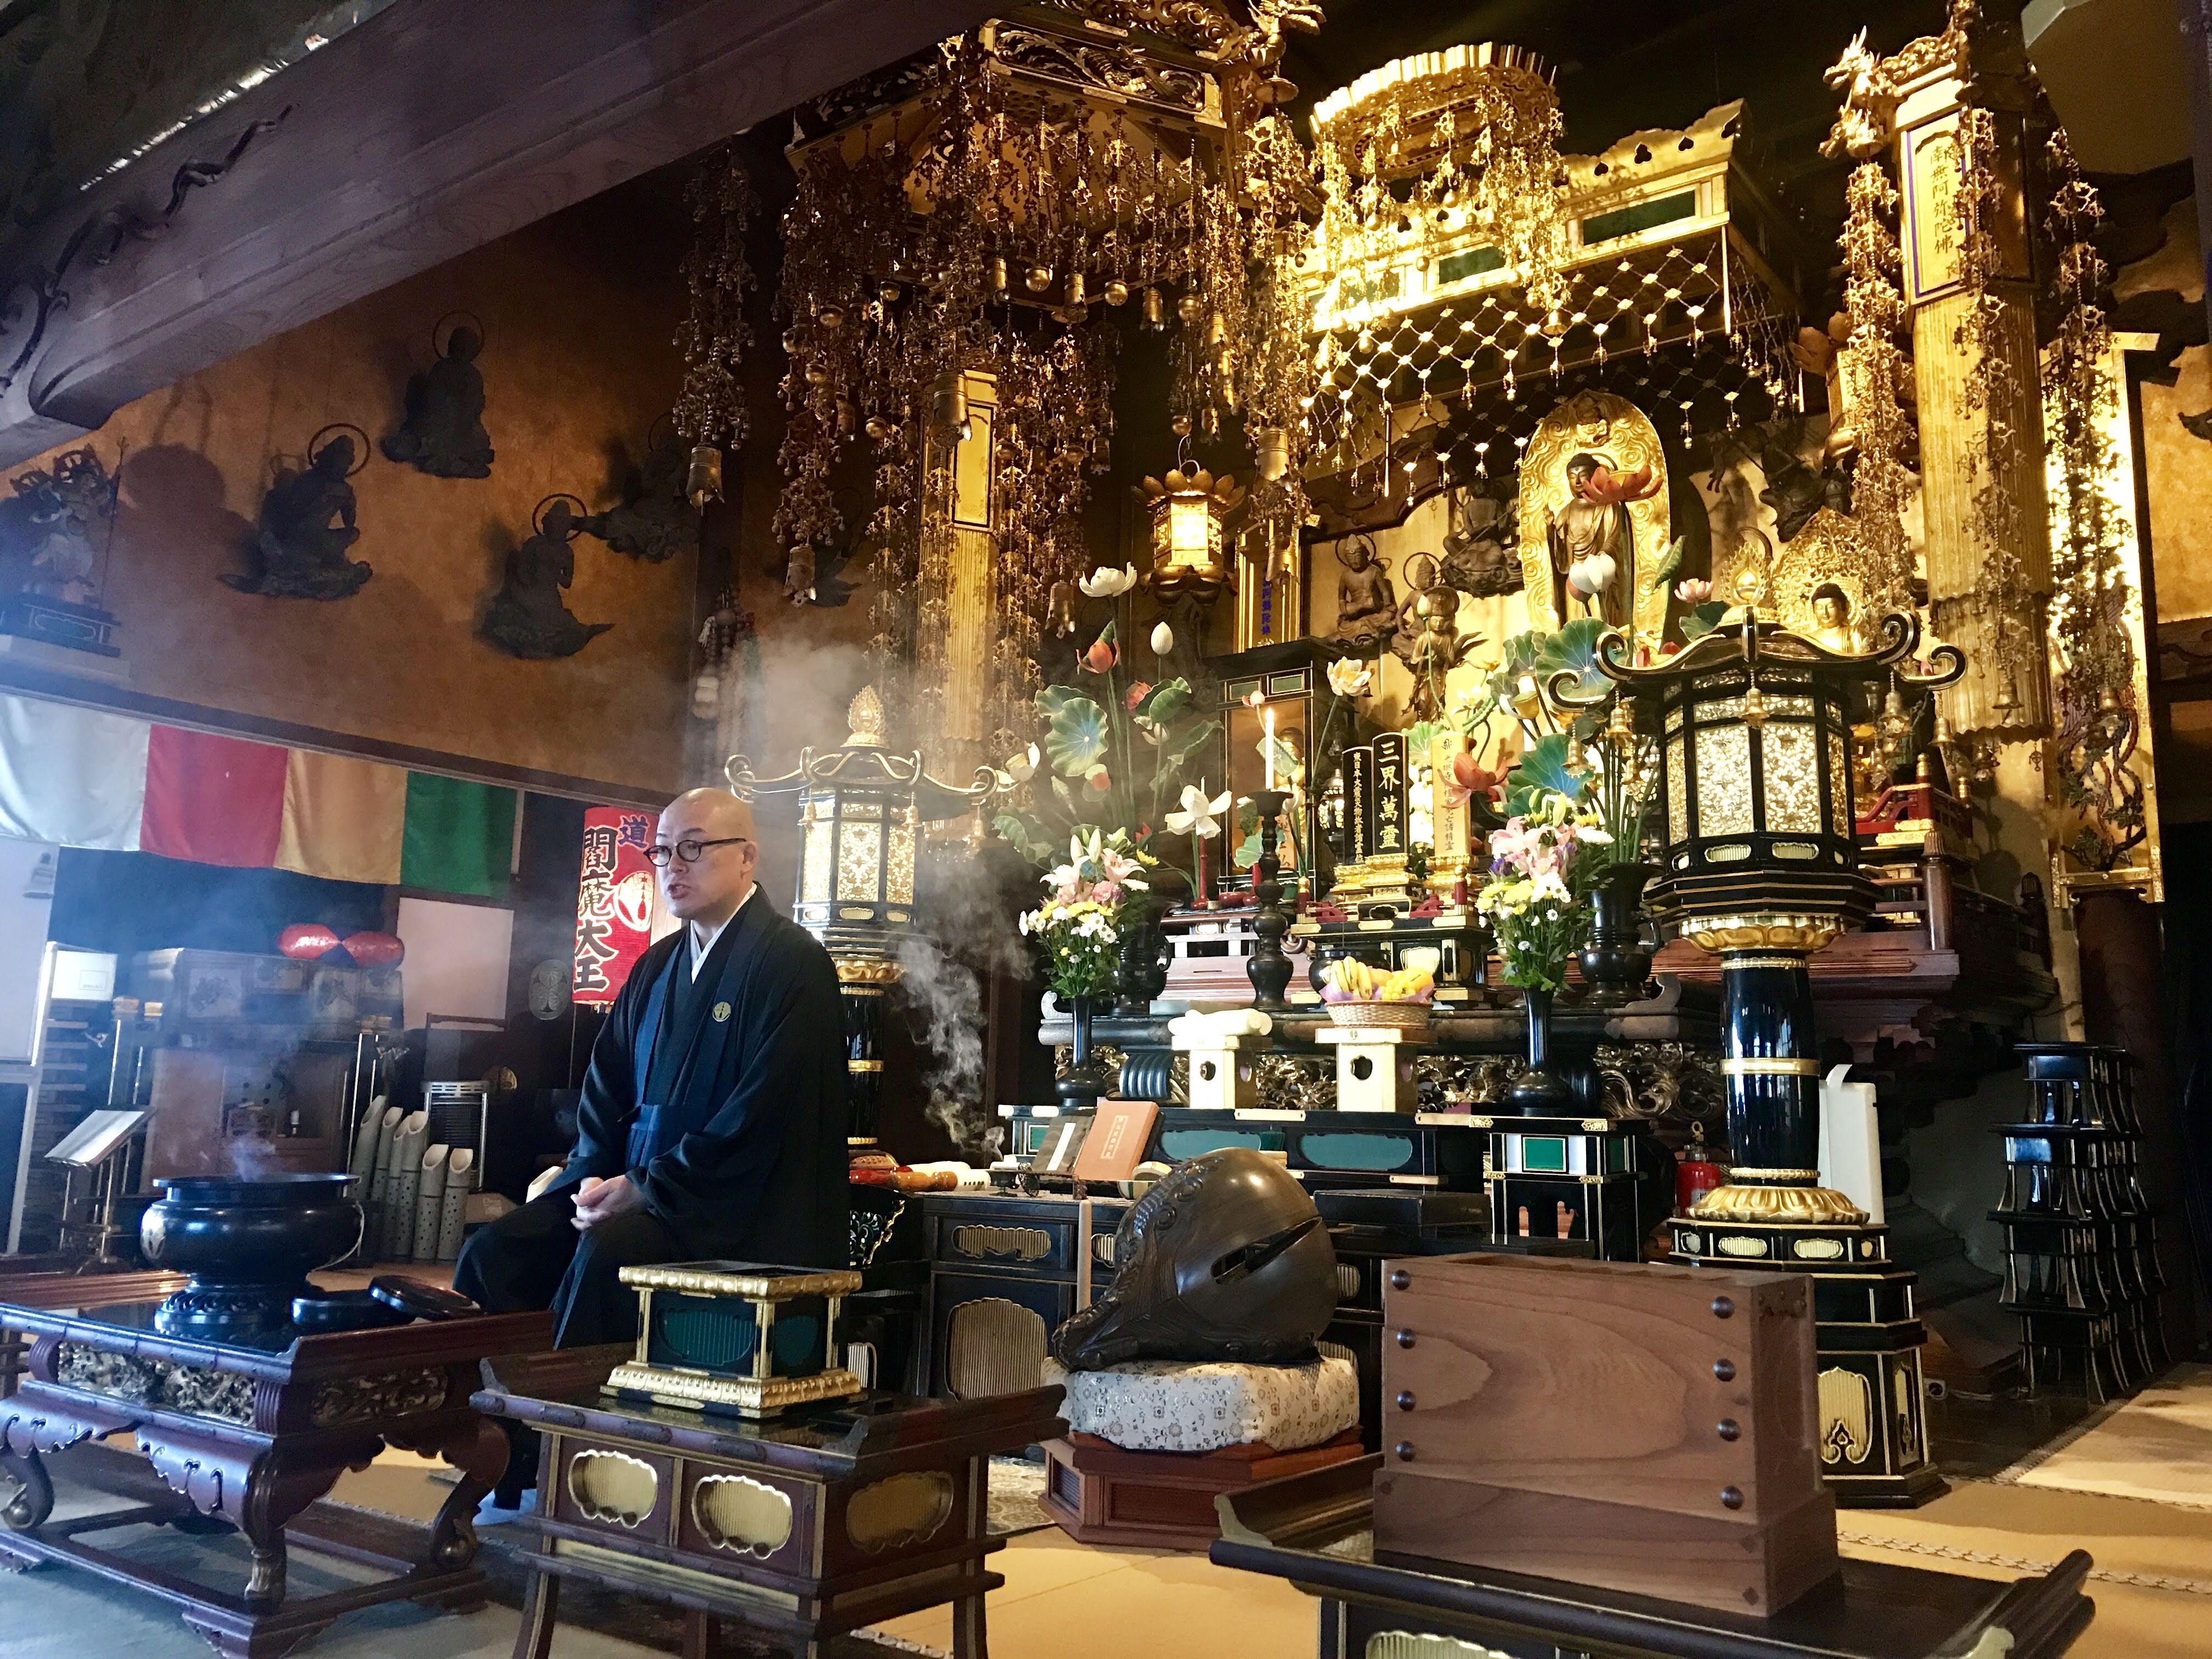 月1回の朝詣りで宇都宮に行ったり、ダイエットチームみんな揃ってカツカレーを食べた1日[はしもとんの日常11月1日]